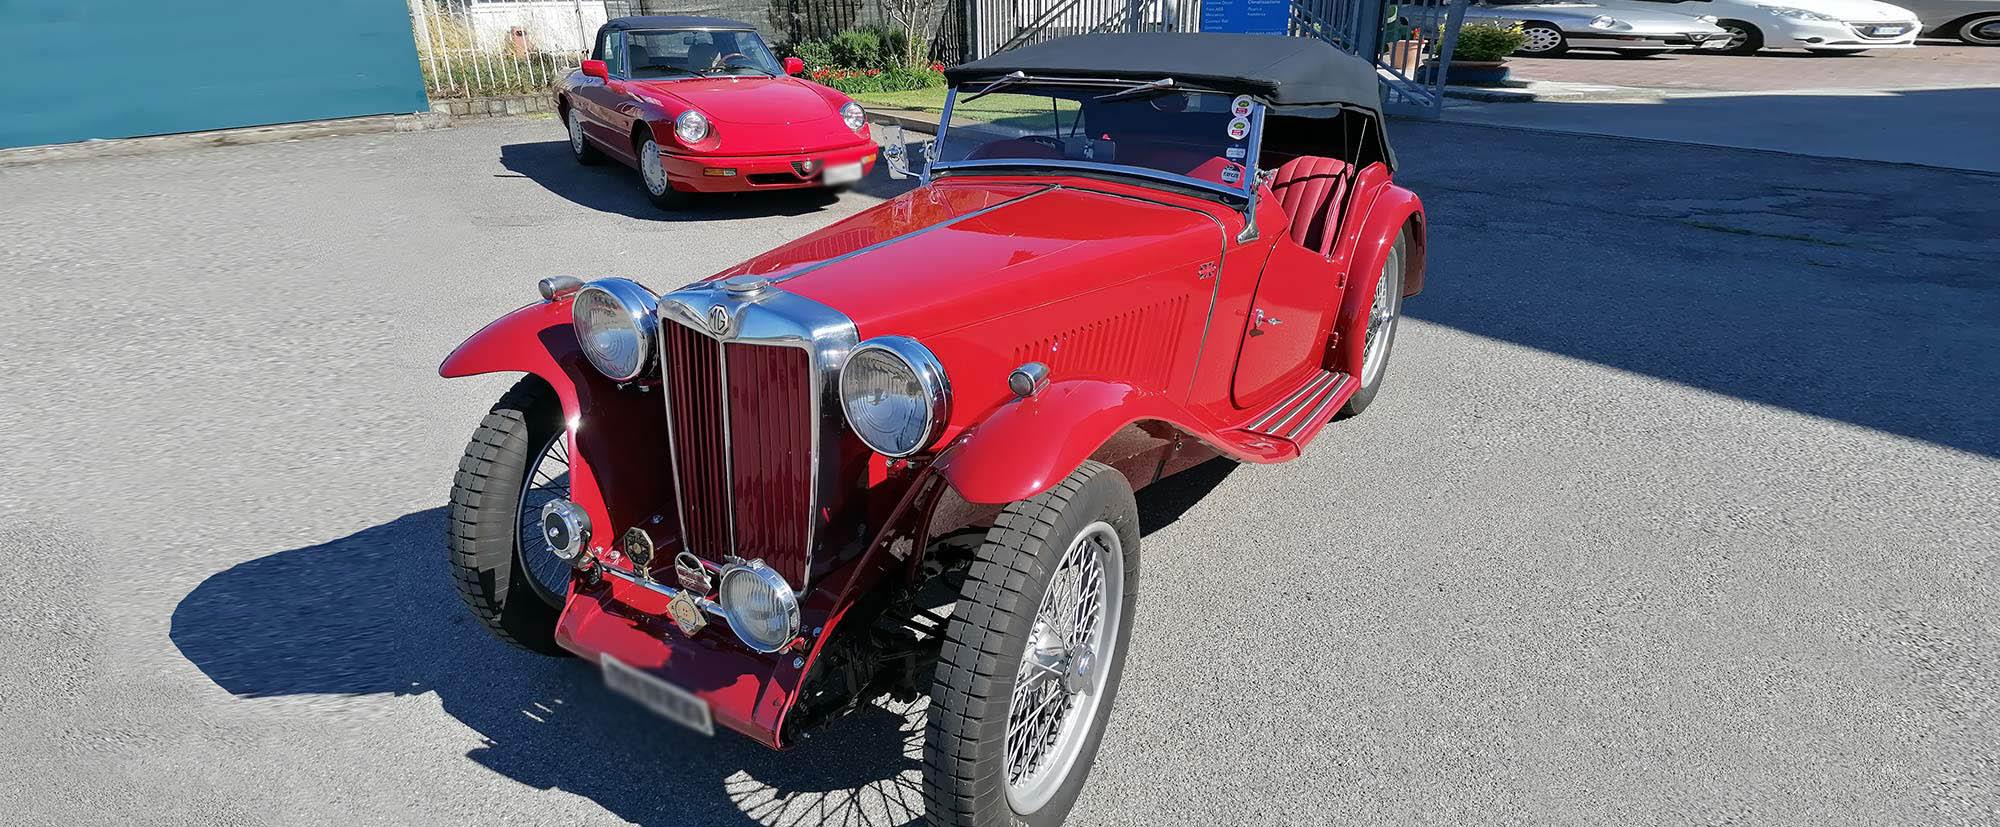 officina auto d'epocaVerolavecchia Brescia